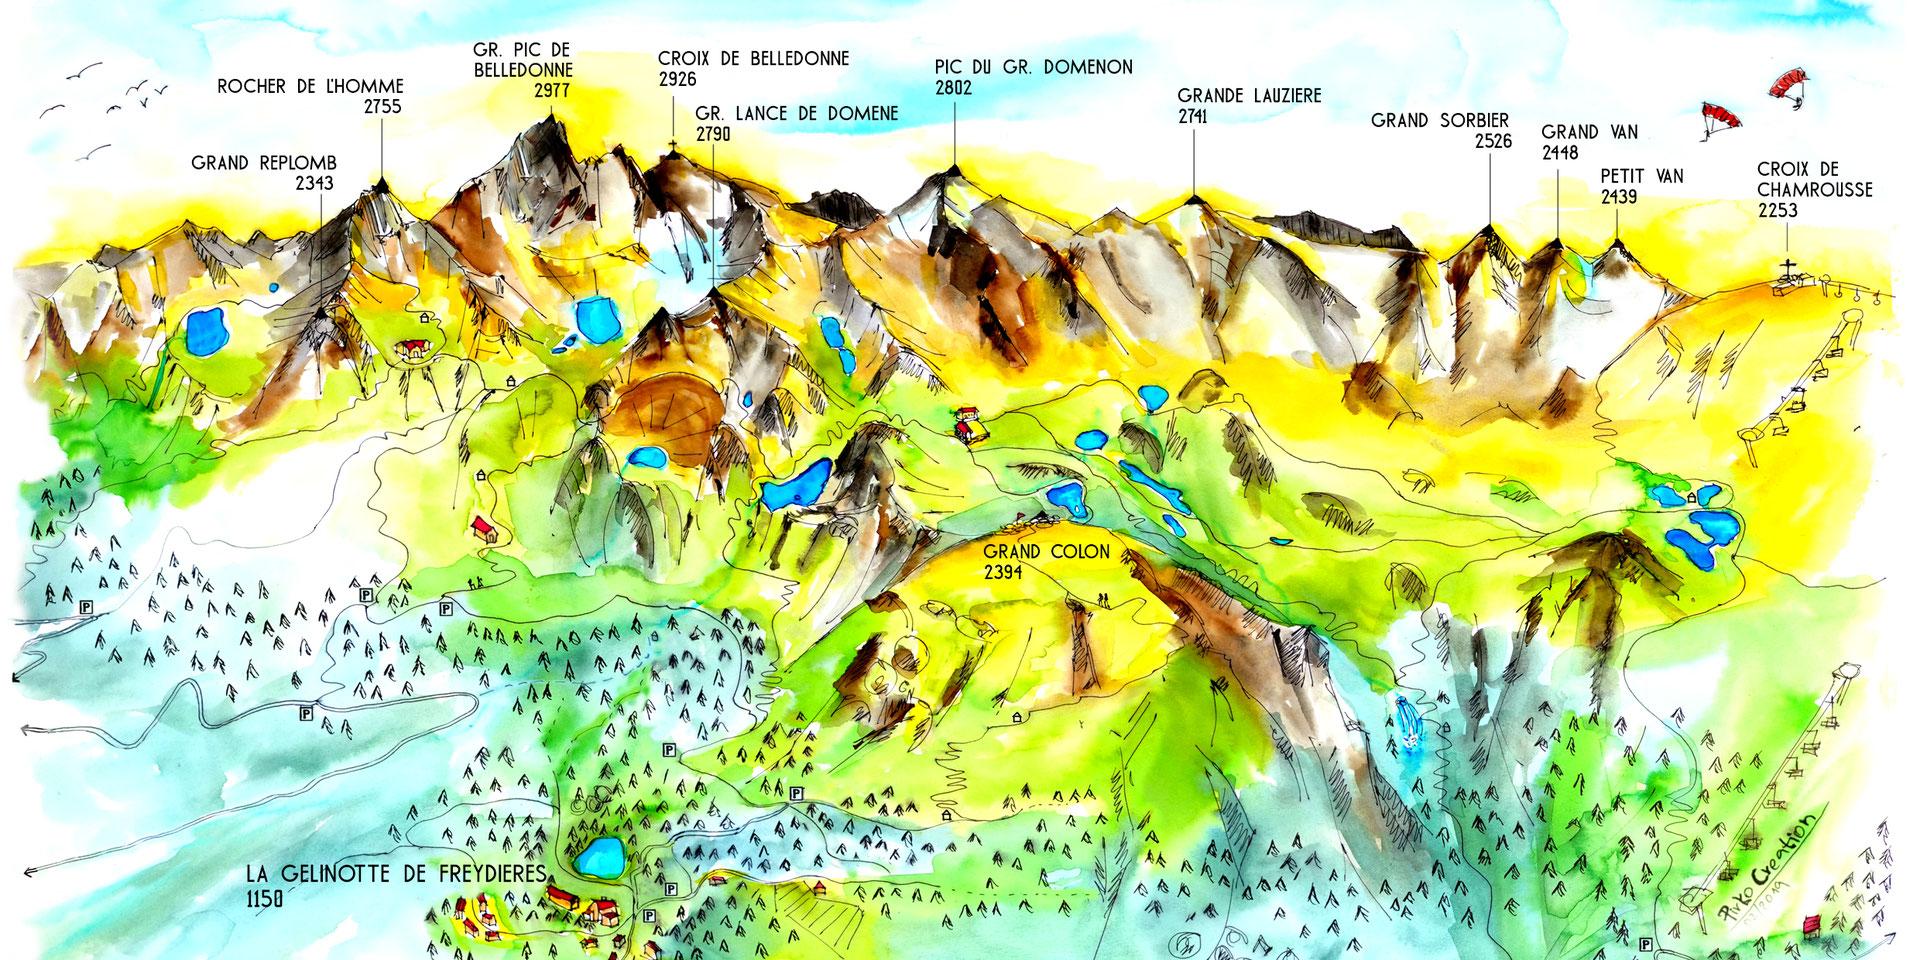 massif de belledonne carte Au cœur du Massif de Belledonne   La gelinotte de Freydières !